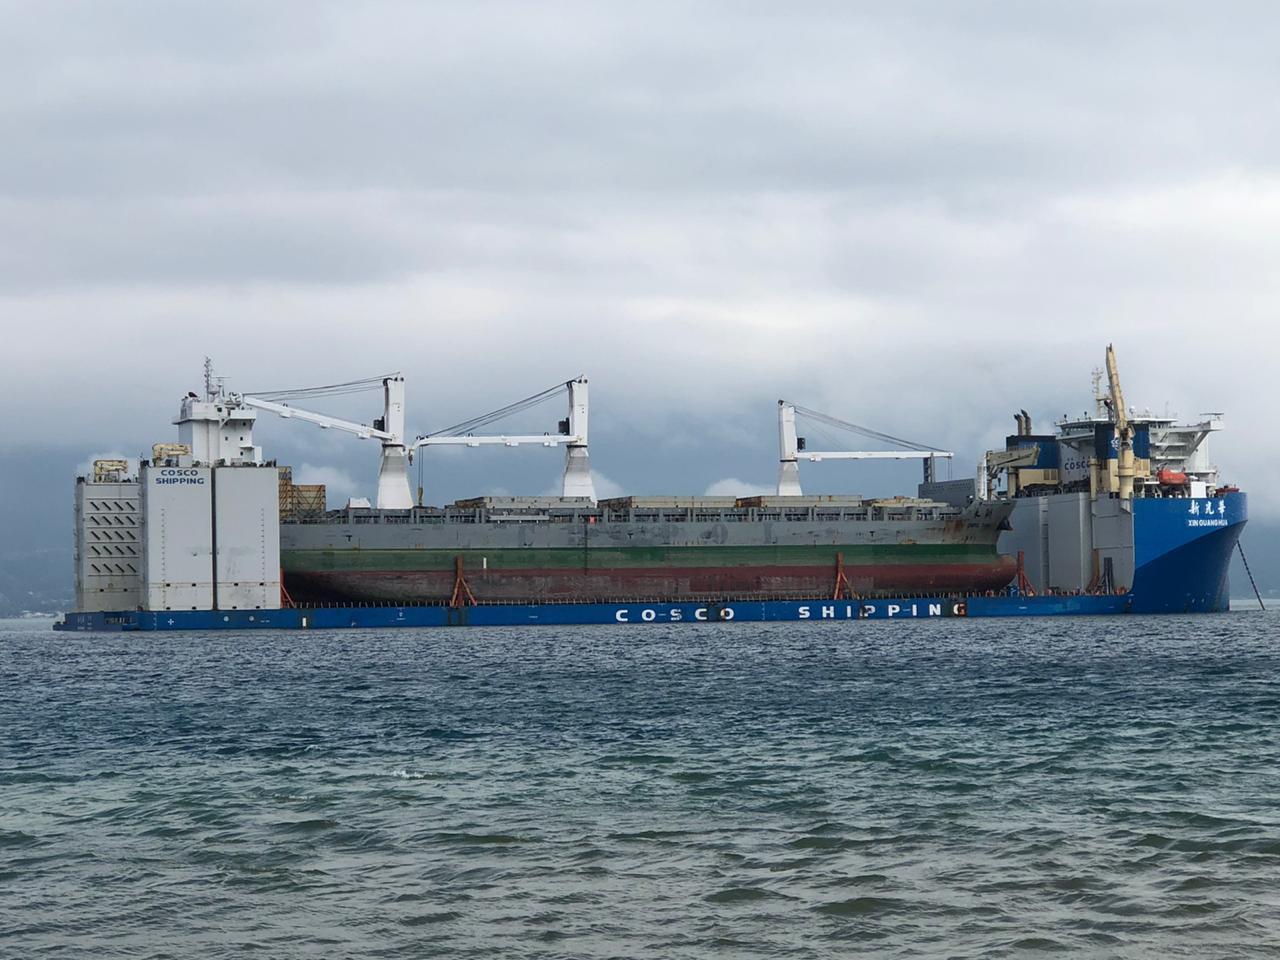 Contratos offshore em águas internacionais demanda vagas de emprego para marítimos, hoje 22 de maio